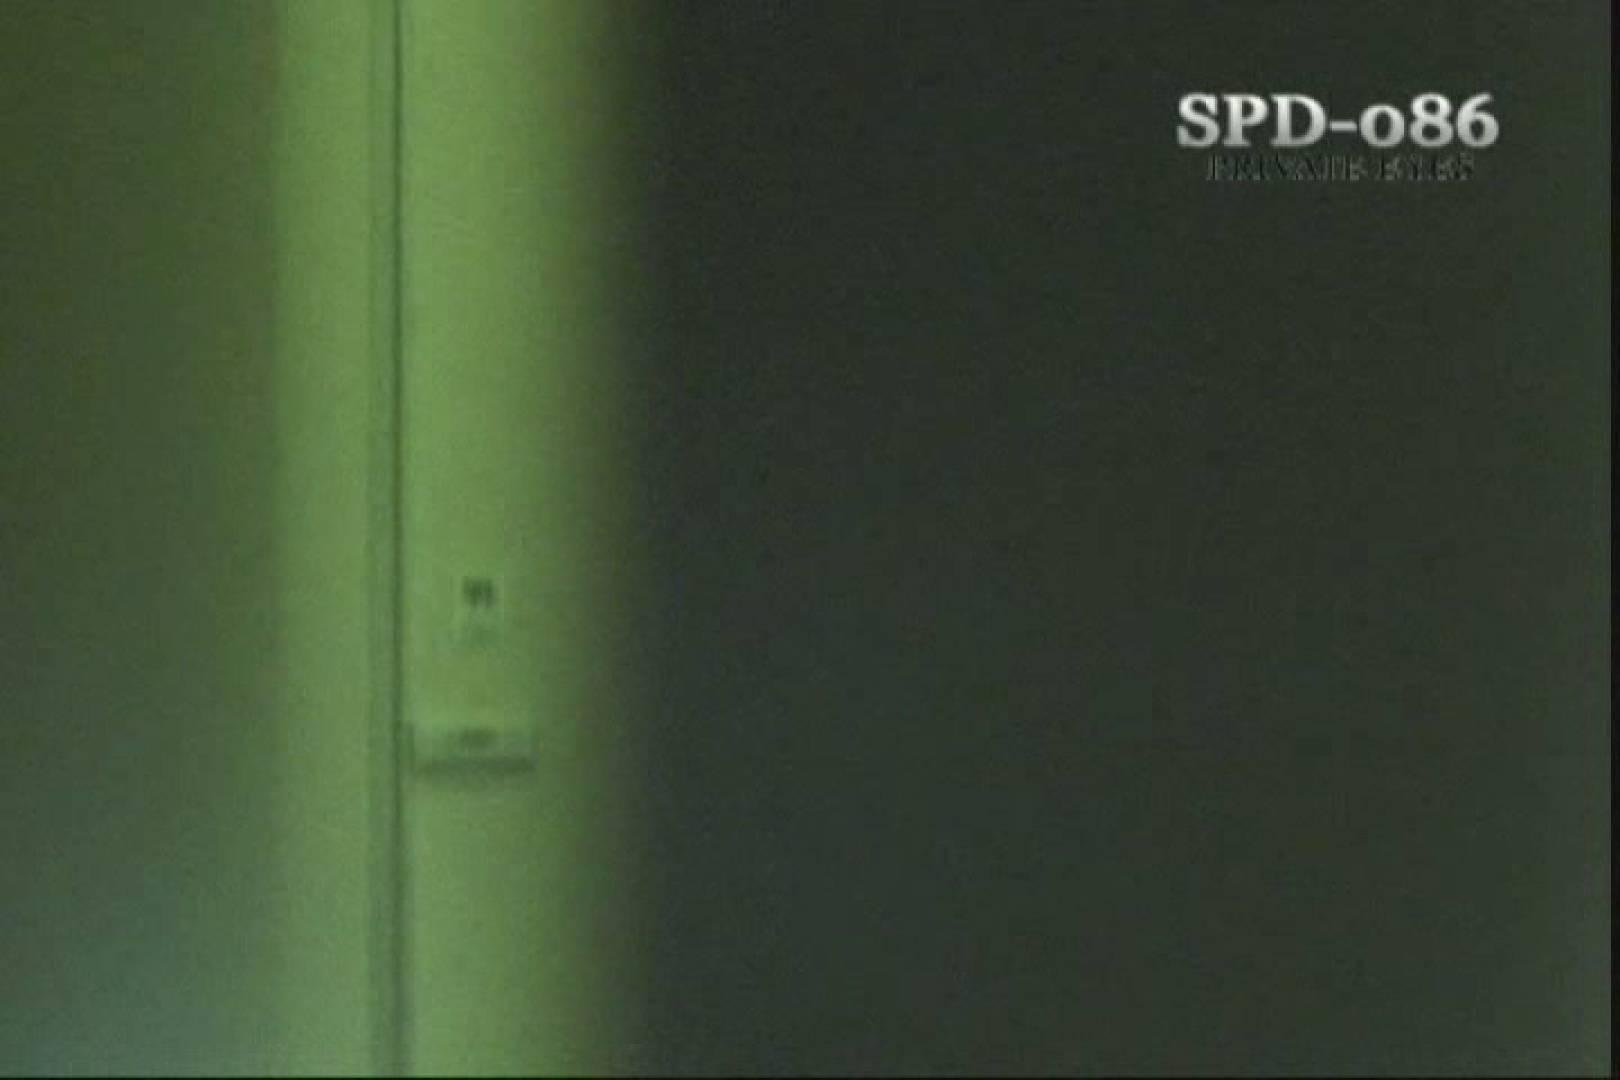 高画質版!SPD-086 盗撮・厠の隙間 3 ~厠盗撮に革命前代未分の映像~ 盗撮 アダルト動画キャプチャ 28連発 12